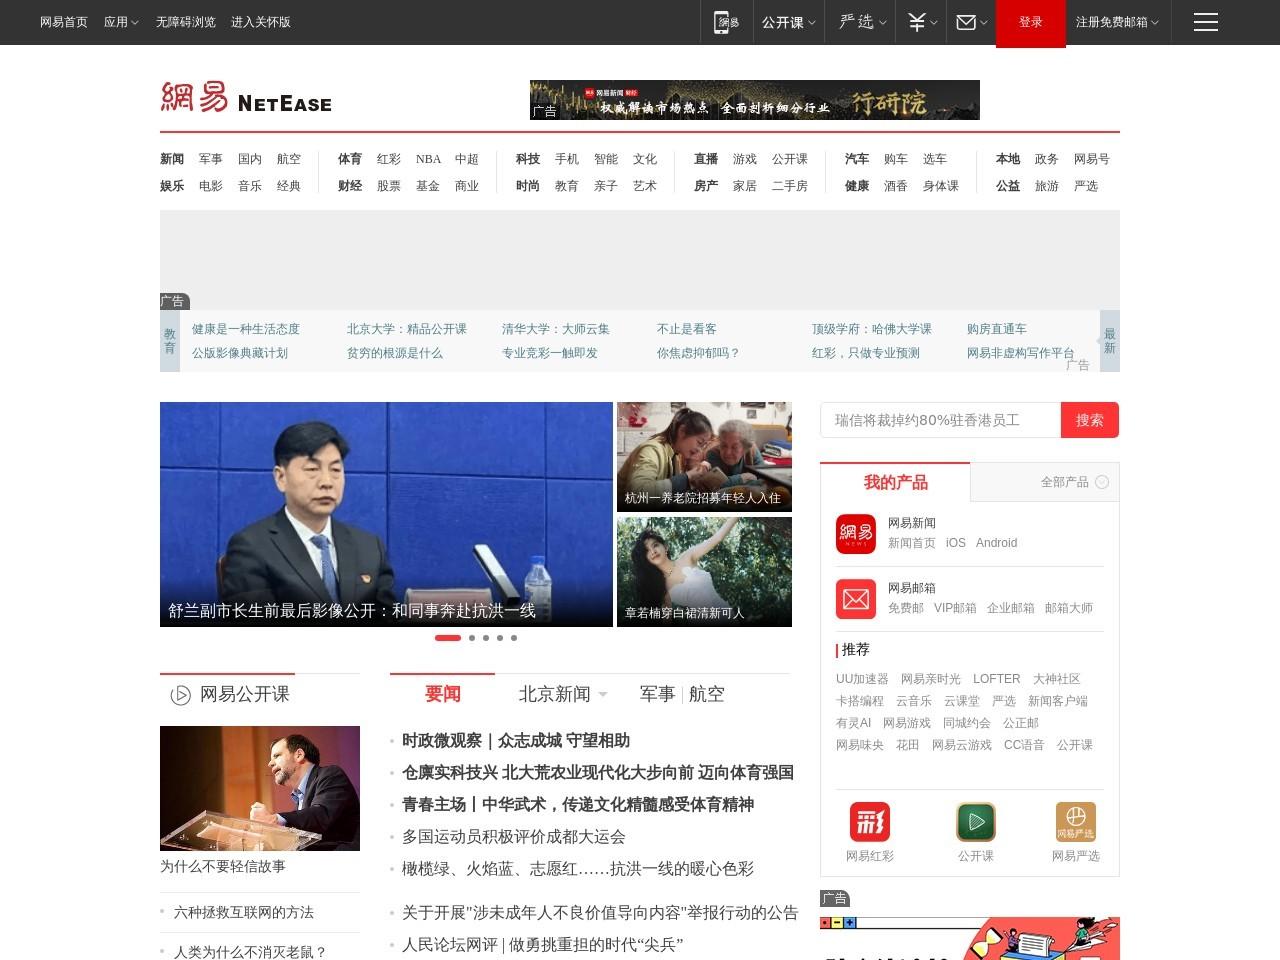 快讯 百度将于5月推出Apollo无人驾驶车服务 apollo 代驾_网易订阅